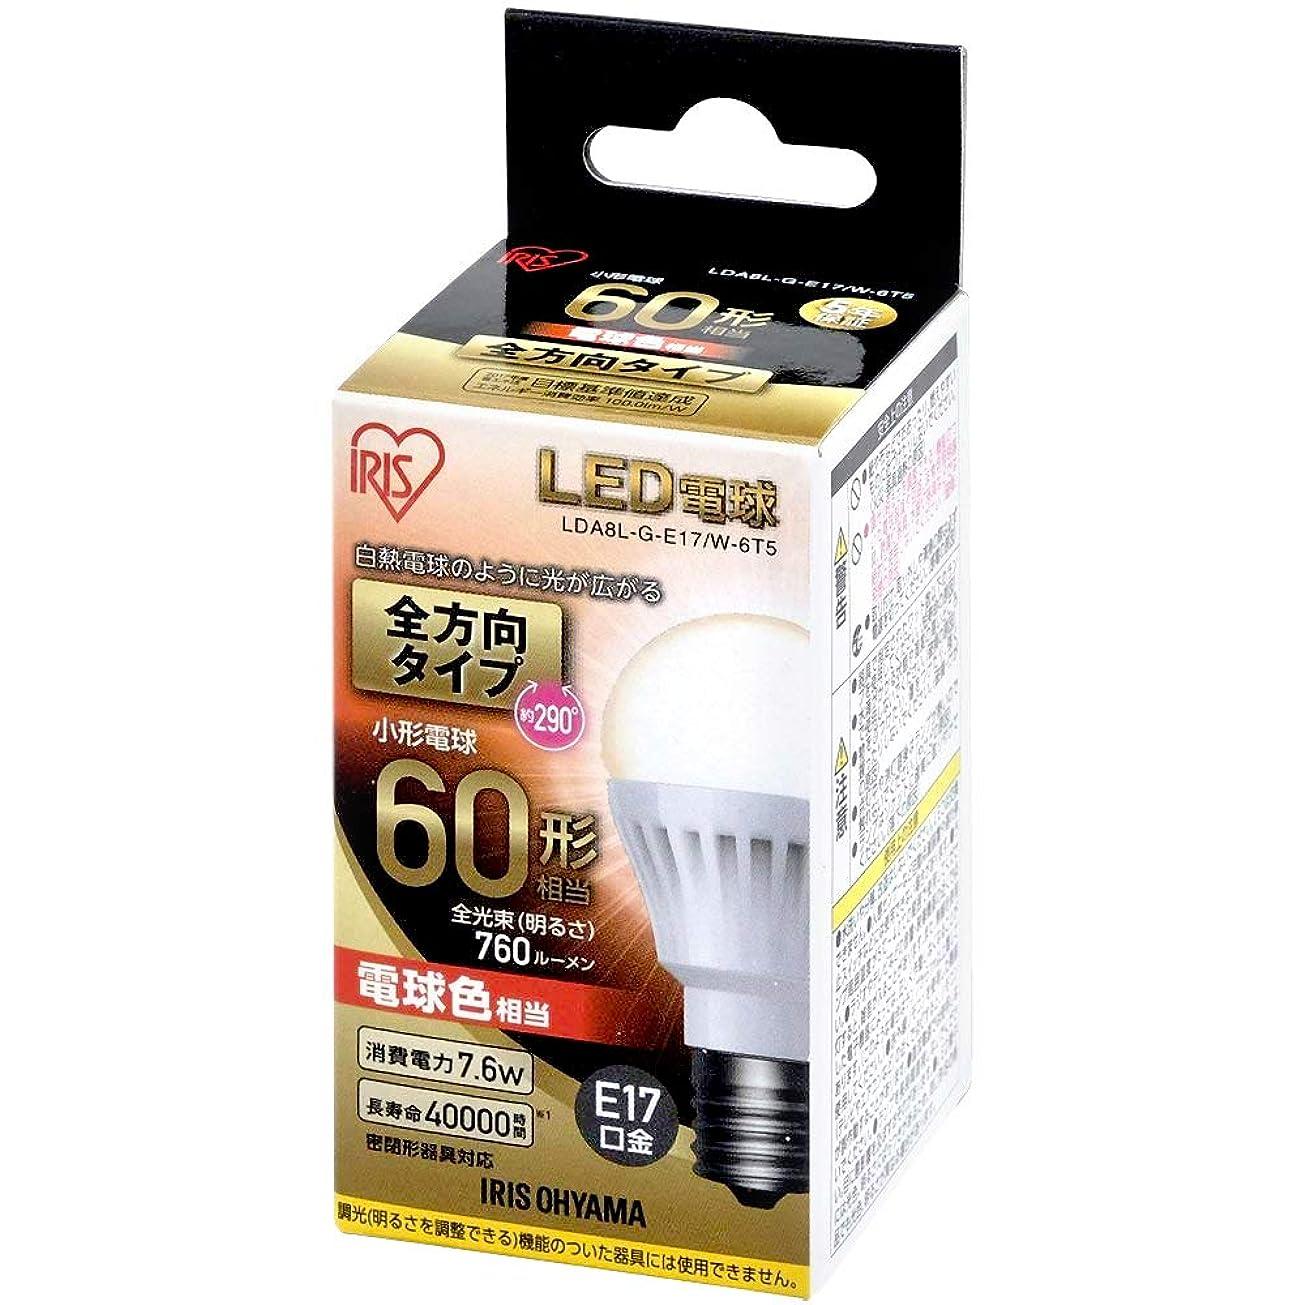 大理石チップ空のアイリスオーヤマ LED電球 口金直径17mm 60W形相当 電球色 全方向タイプ LDA8L-G-E17/W-6T5